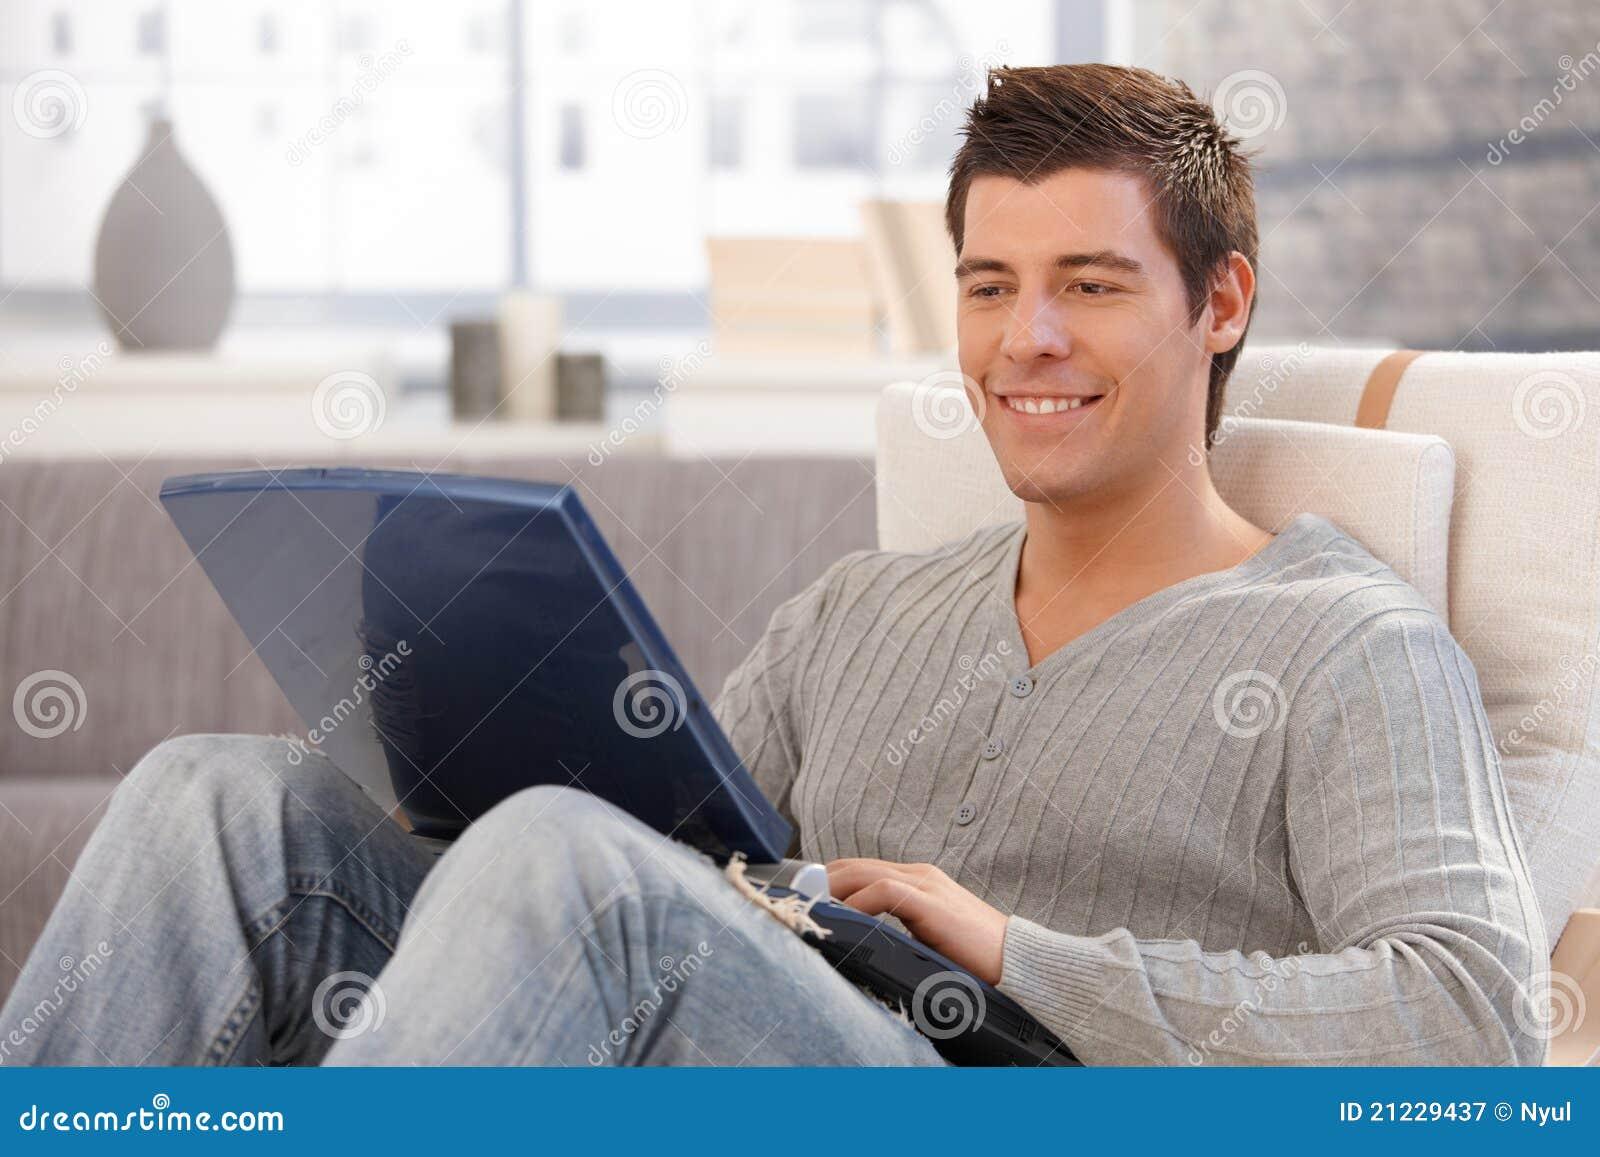 Χαμογελώντας νεαρός άνδρας που χρησιμοποιεί τον υπολογιστή στην πολυθρόνα